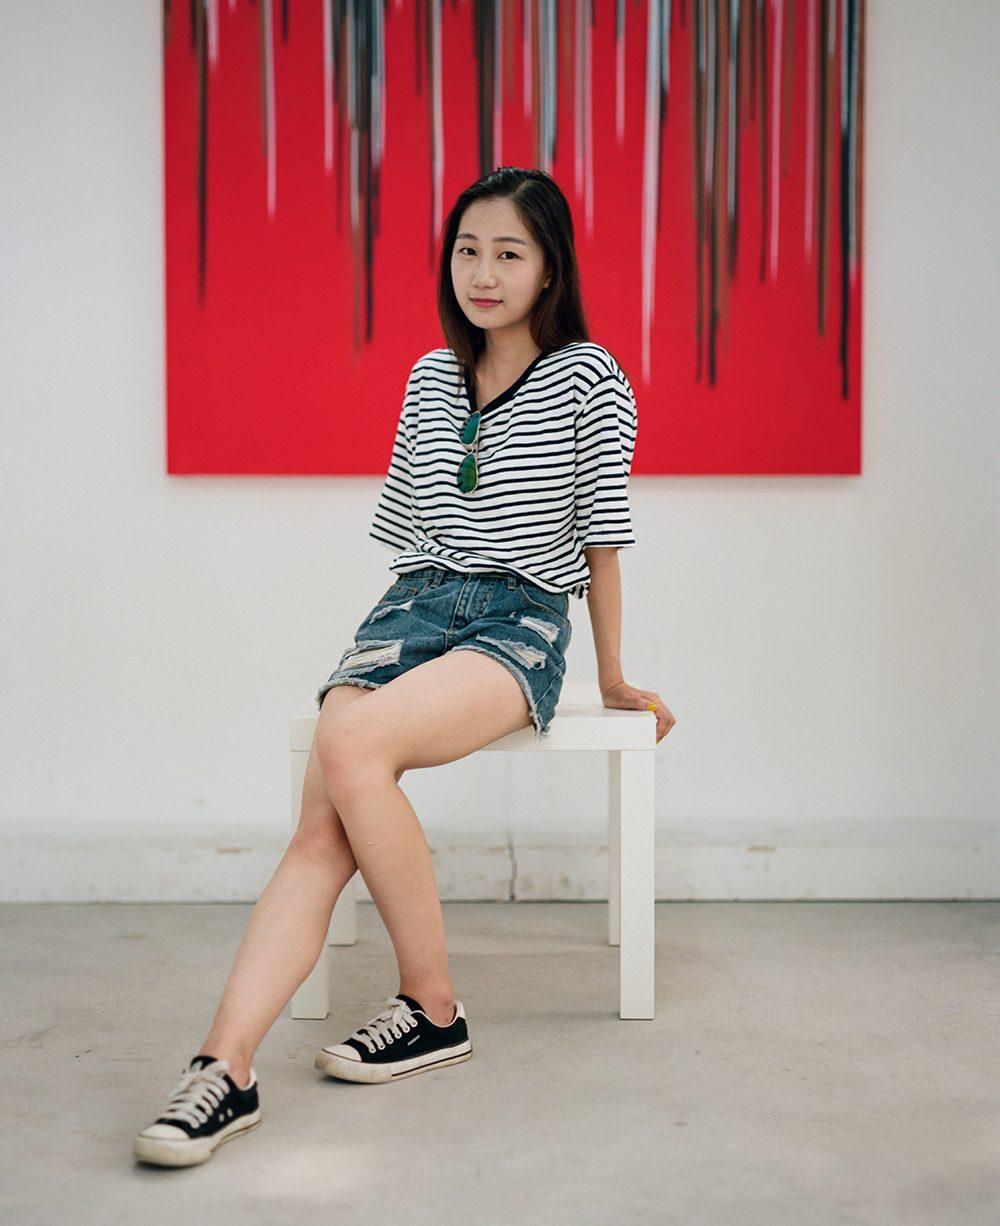 涌入 @ALEX是SJTU的交大喵-菲林中文-独立胶片摄影门户!